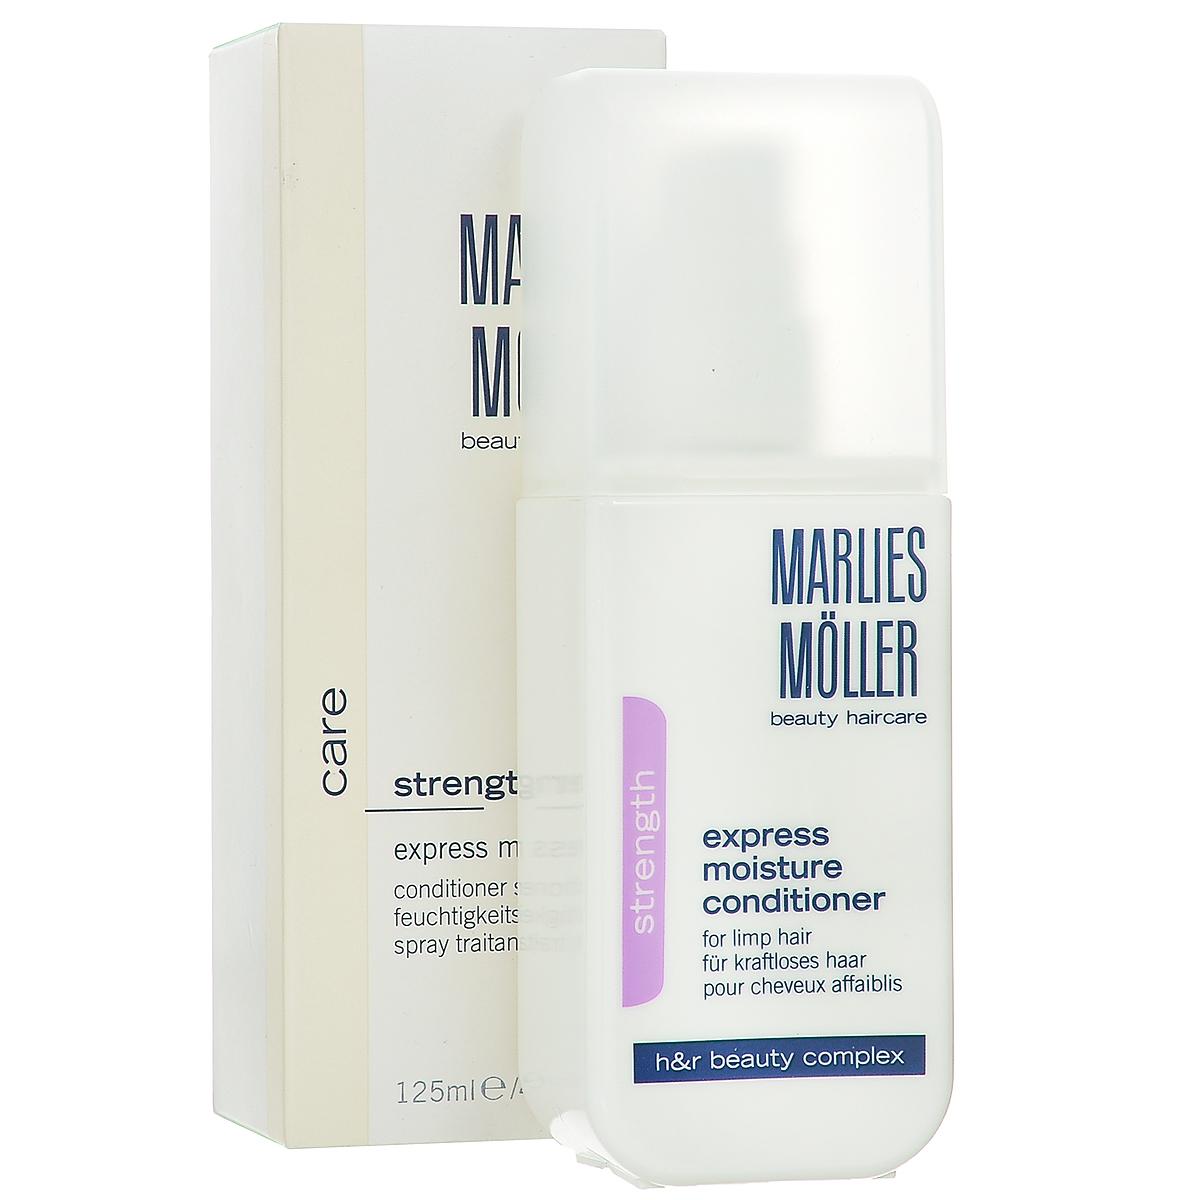 Marlies Moller Кондиционер-спрей для волос Strength, увлажняющий, 125 мл26MMsМоментальное увлажнение. Обладает антистатическим эффектом. Придает волосам силу и облегчает расчесывание. Применение : наносите спрей на сухие или подсушенные полотенцем волосы по мере необходимости. Не смывайте.